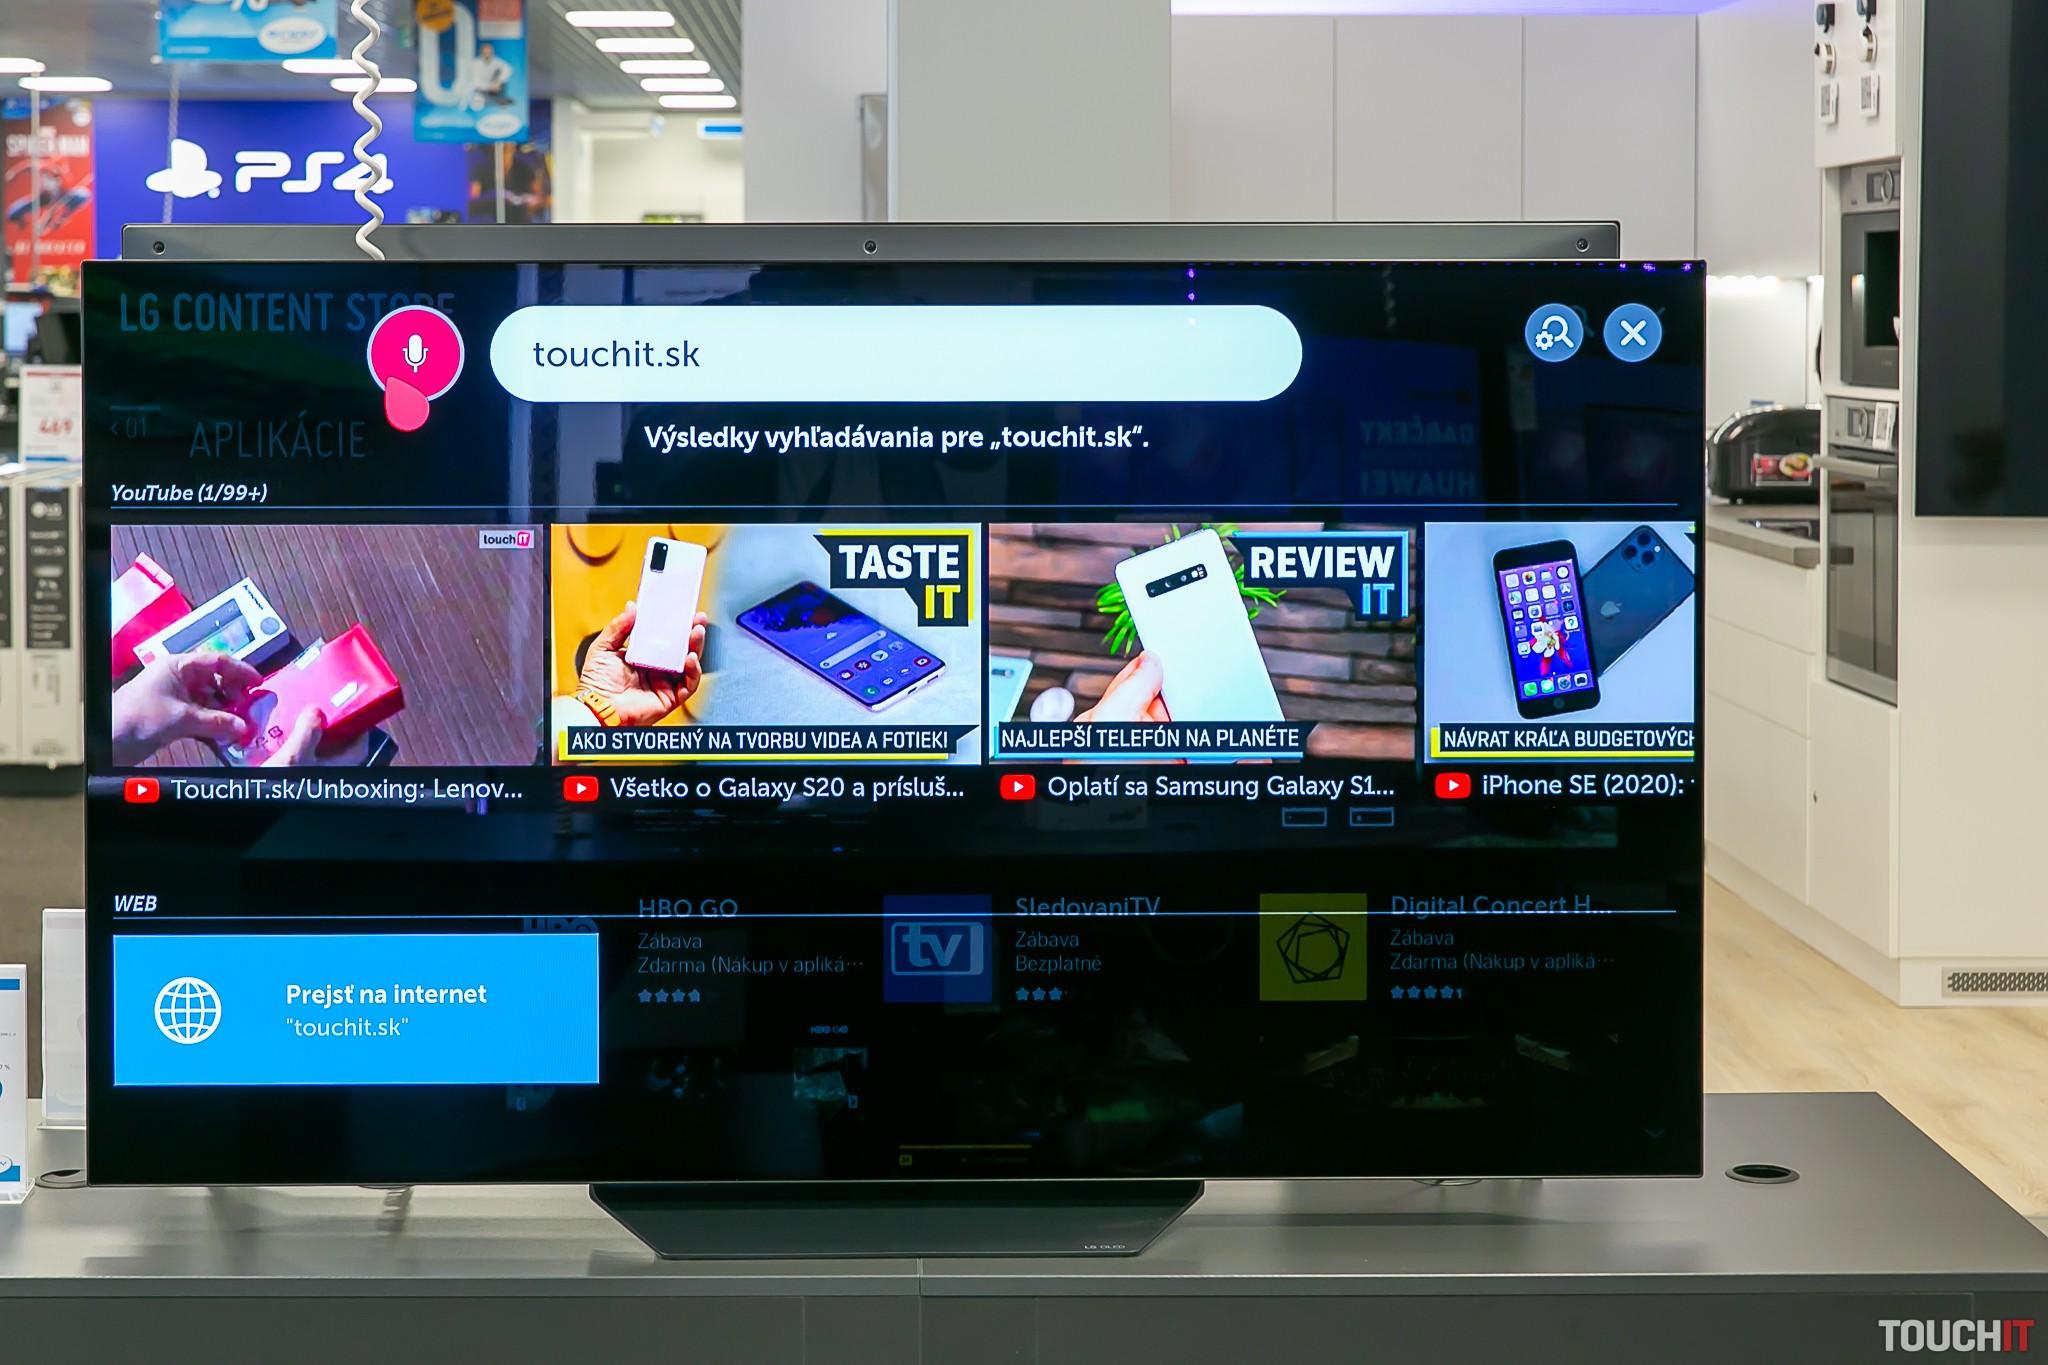 Zobrazenie internetových stránok na LG televízore